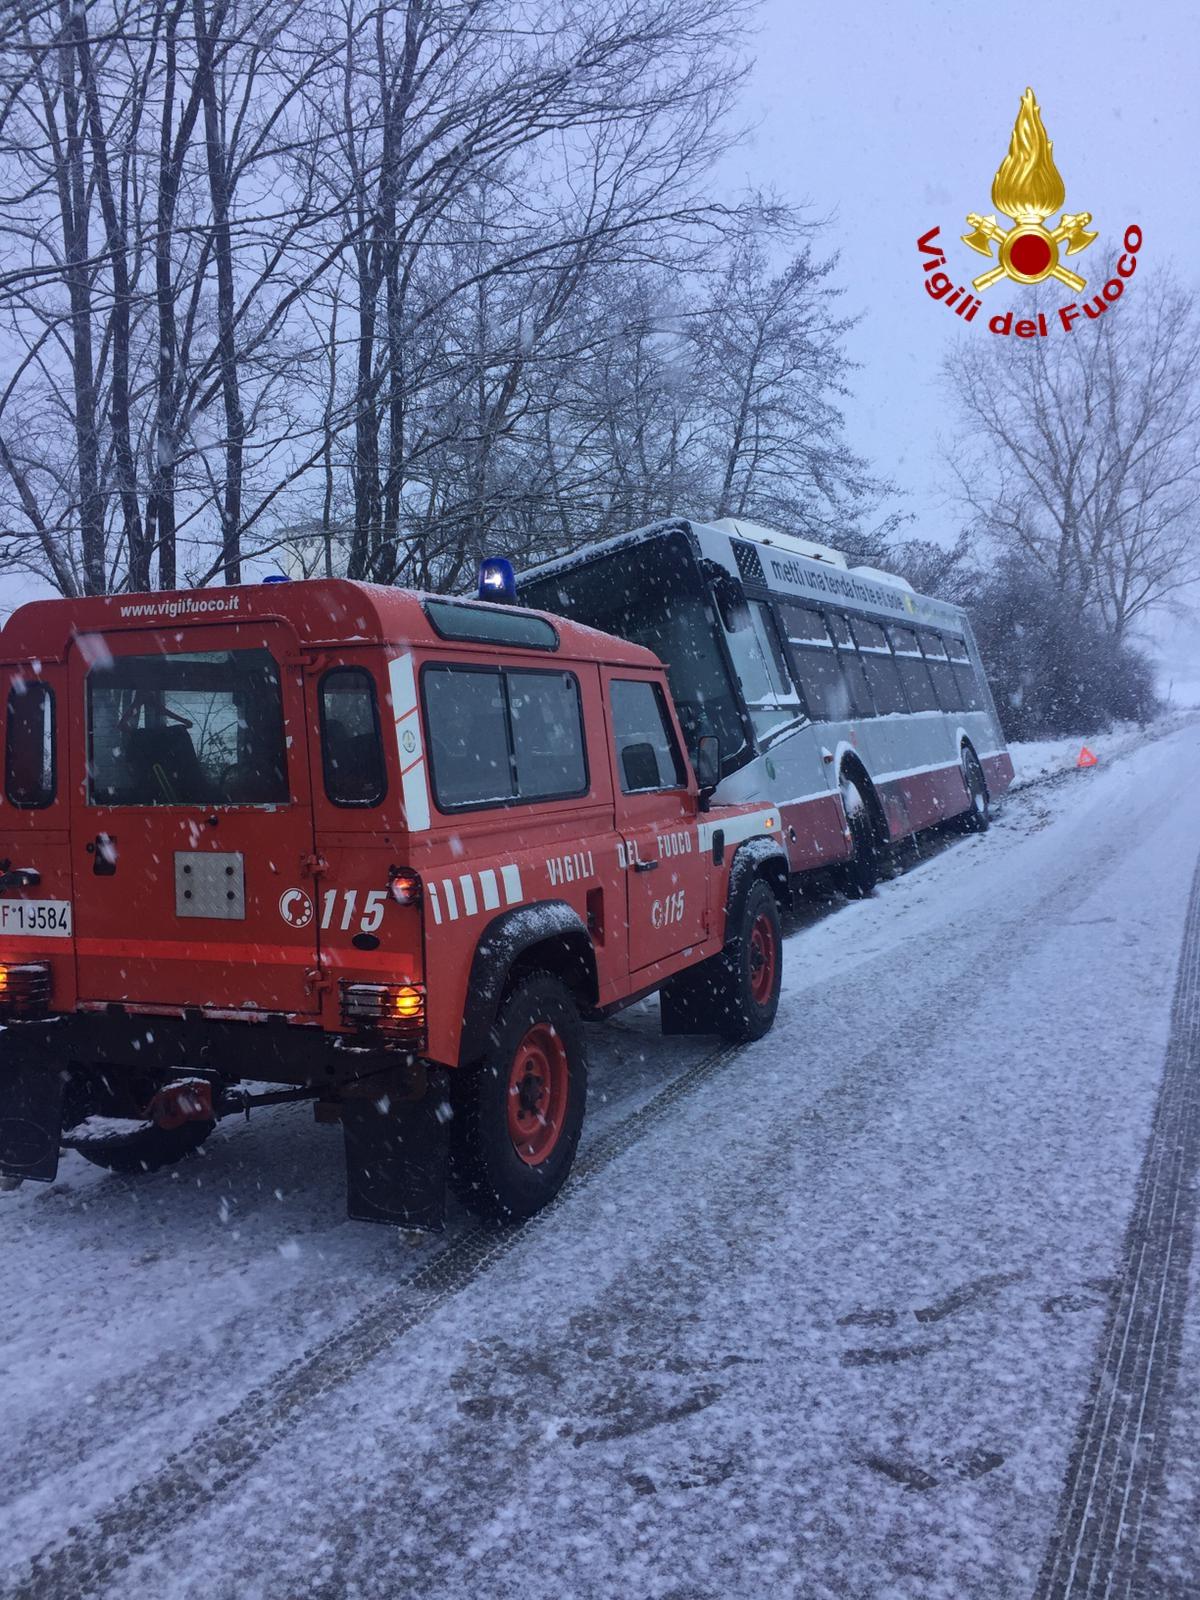 Emergenza neve e ghiaccio, medico accompagnato dai pompieri in ospedale: era atteso per un intervento chirurgico urgente